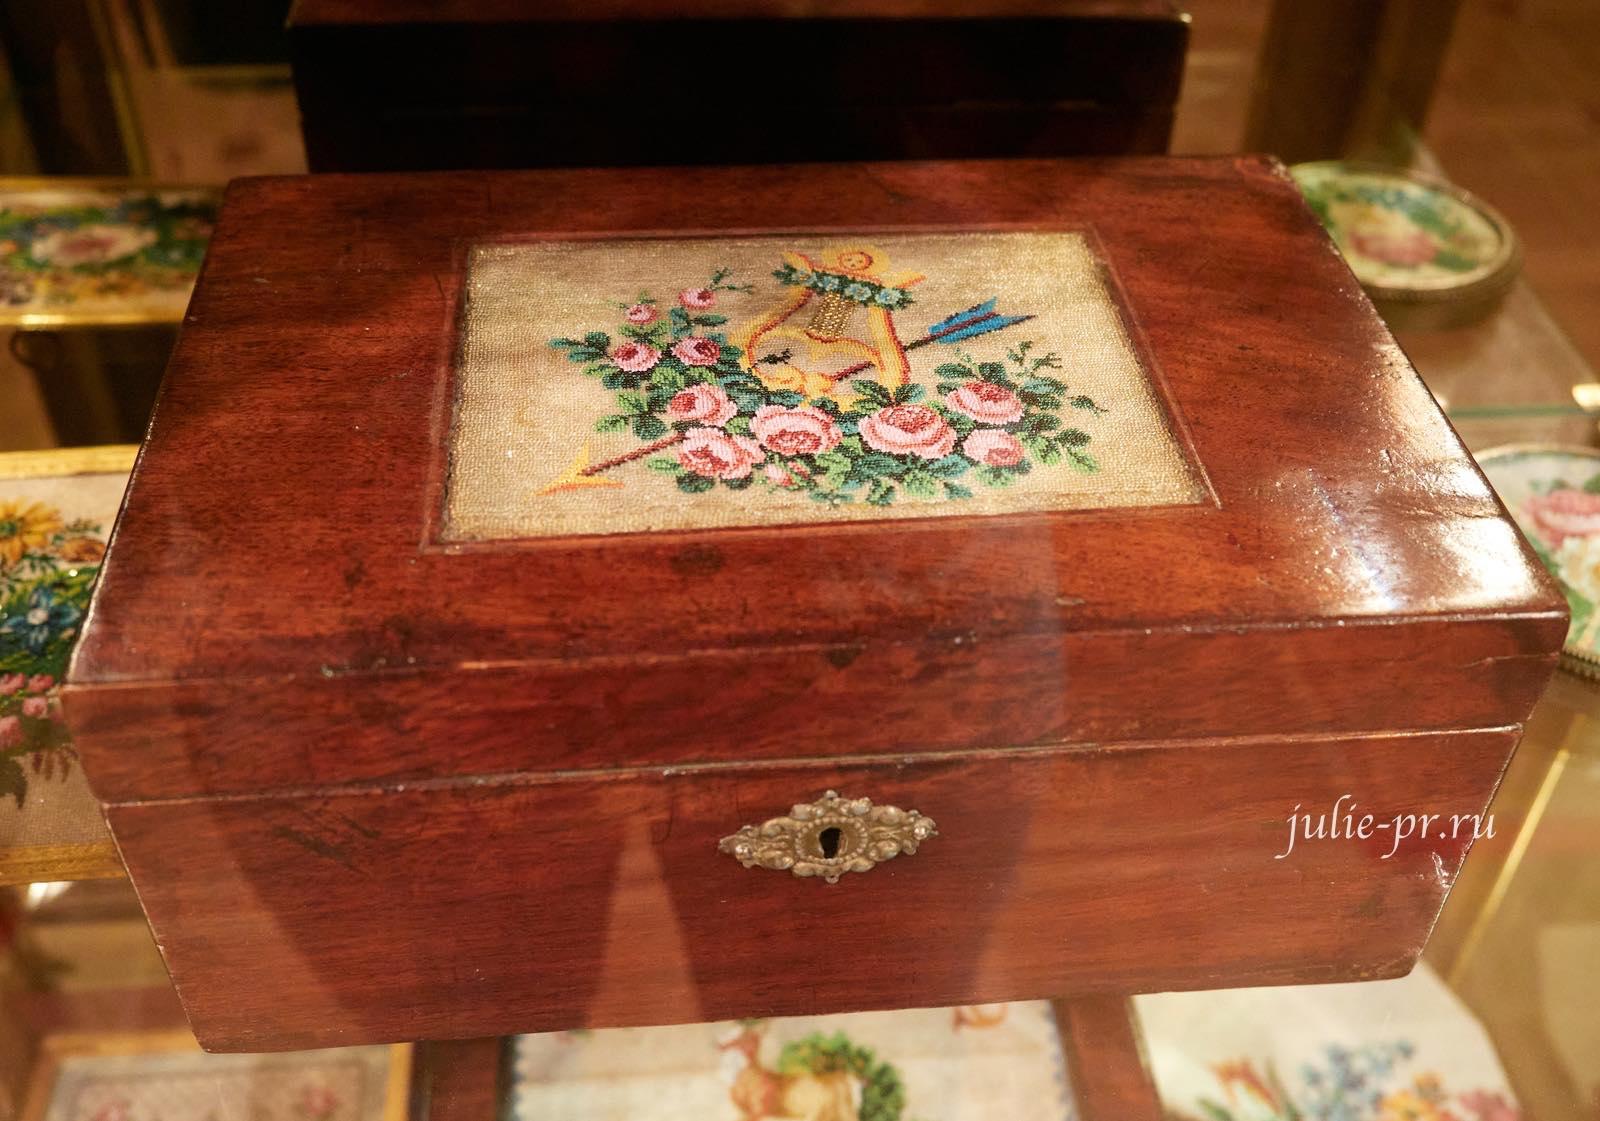 Шкатулка с вышивкой бисером «Стрела и Лира» в технике sable, середина XIX века, Россия, выставка Старинные вышивки